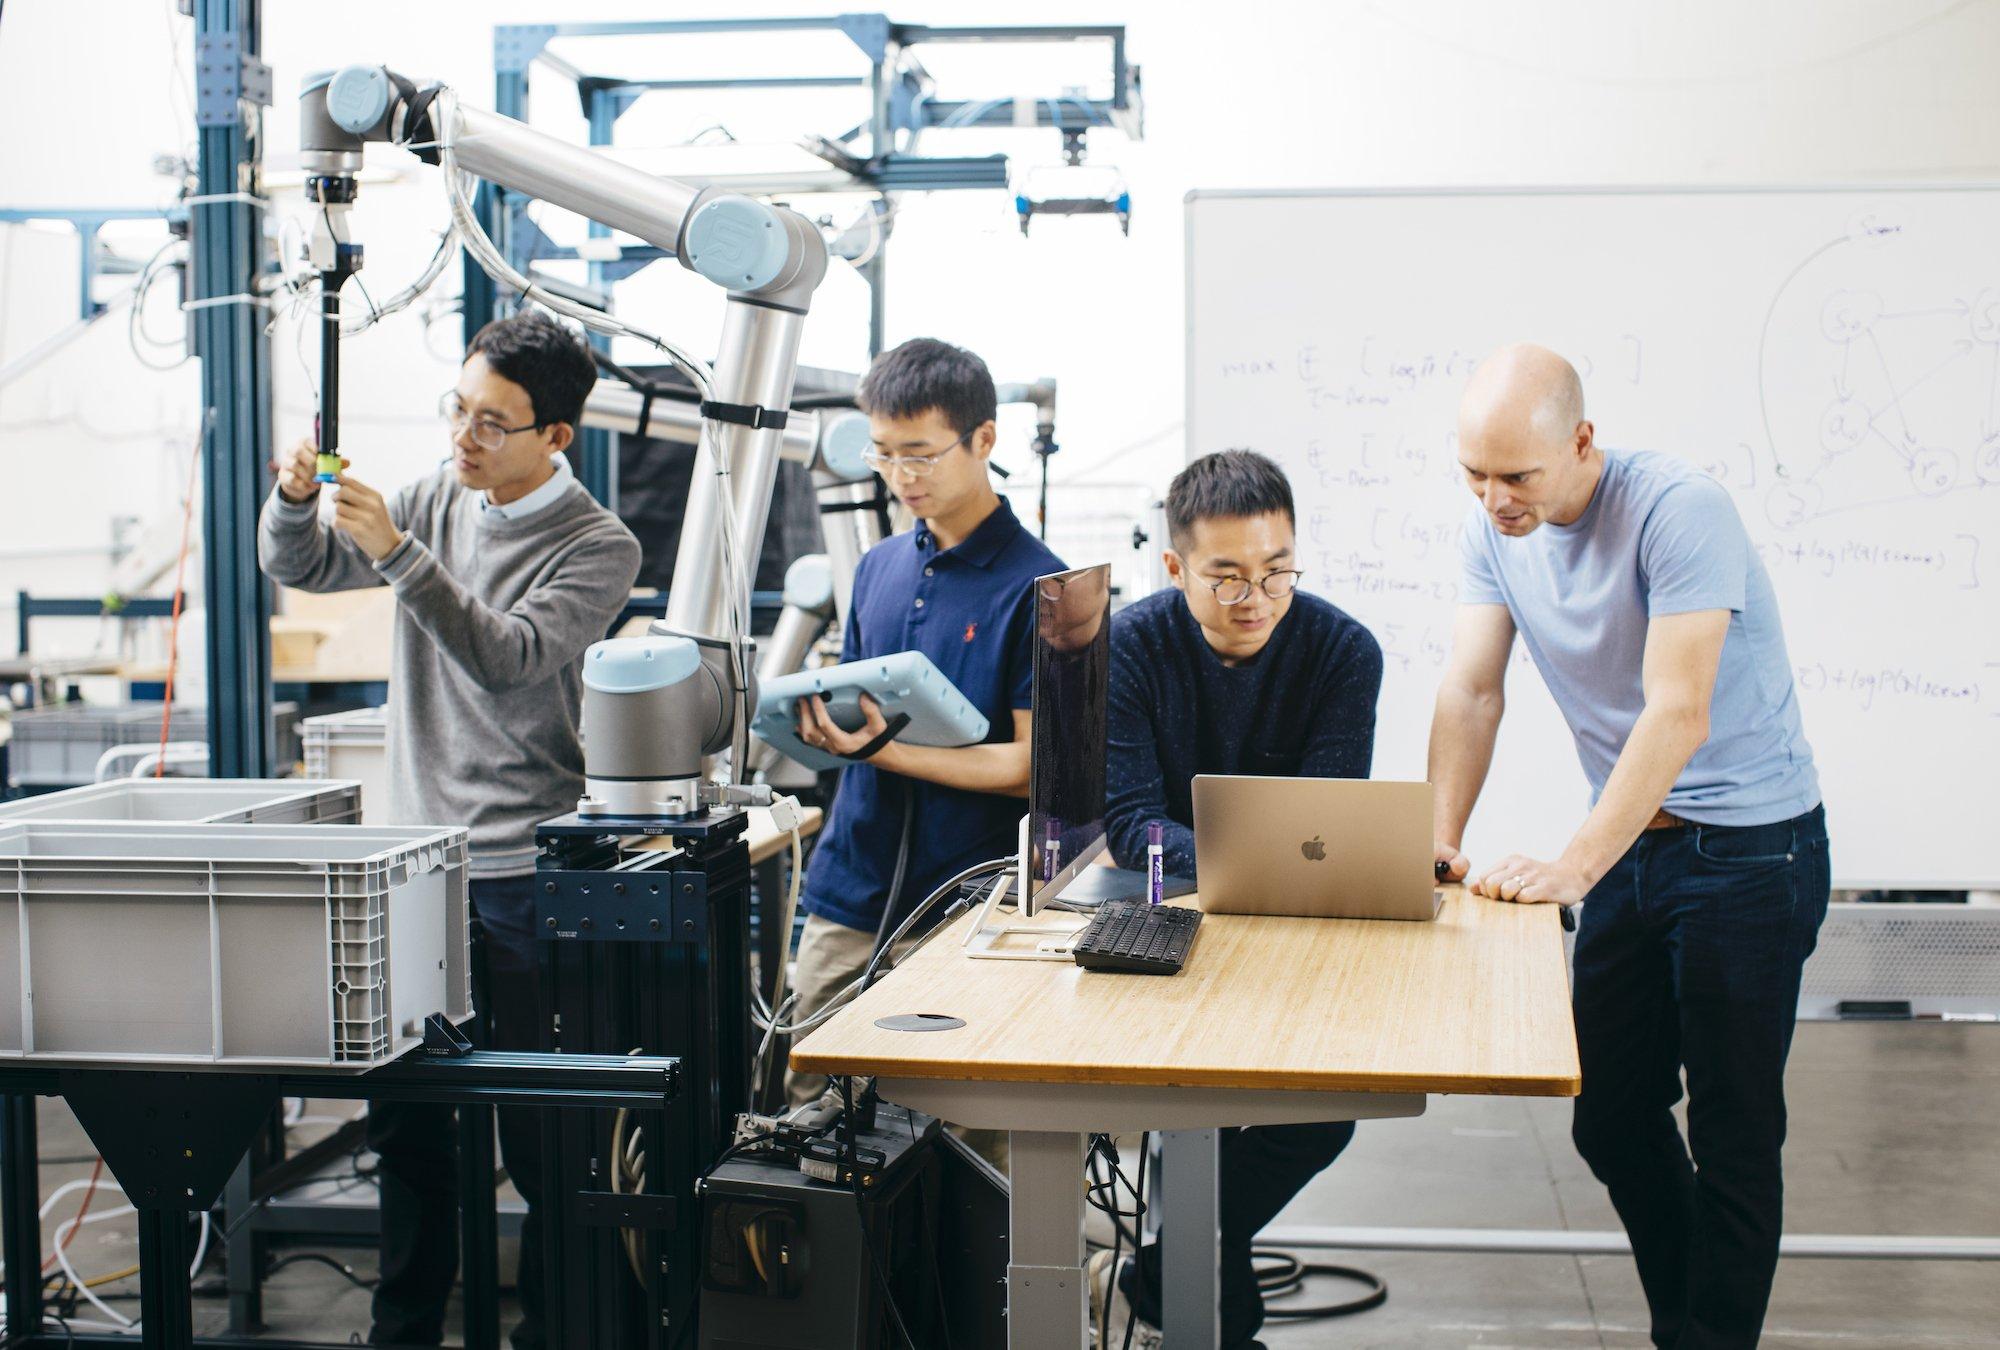 Складские роботы, использующие ИИ для сортировки предметов, готовы к работе - 1